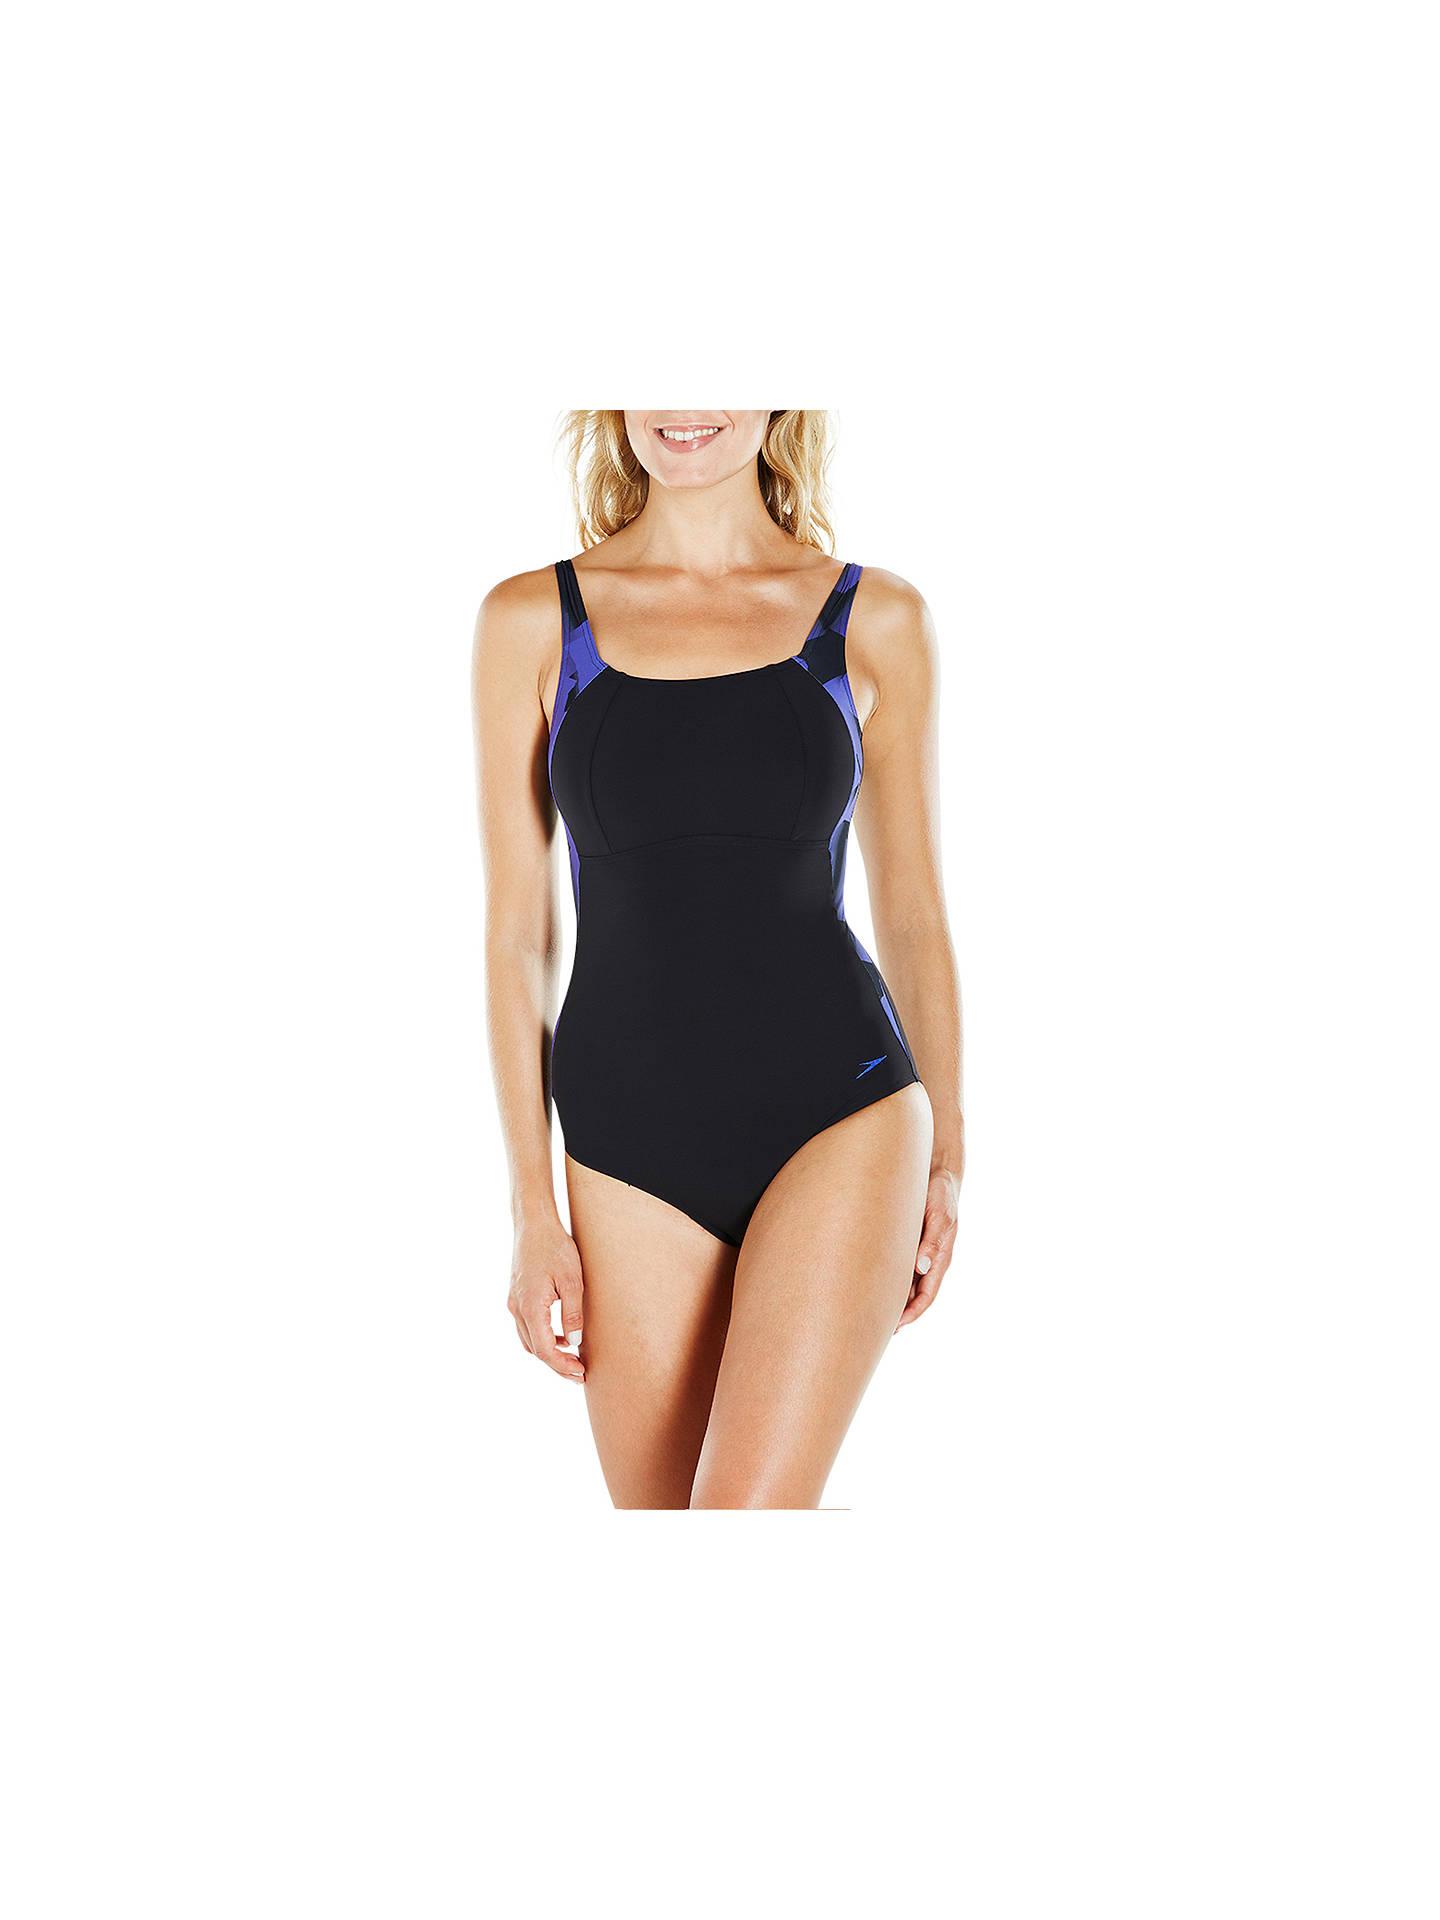 922af0e6ad7 Buy Speedo Sculpture LunaLustre Printed Swimsuit, Black/Ultramarine, 32  Online at johnlewis.